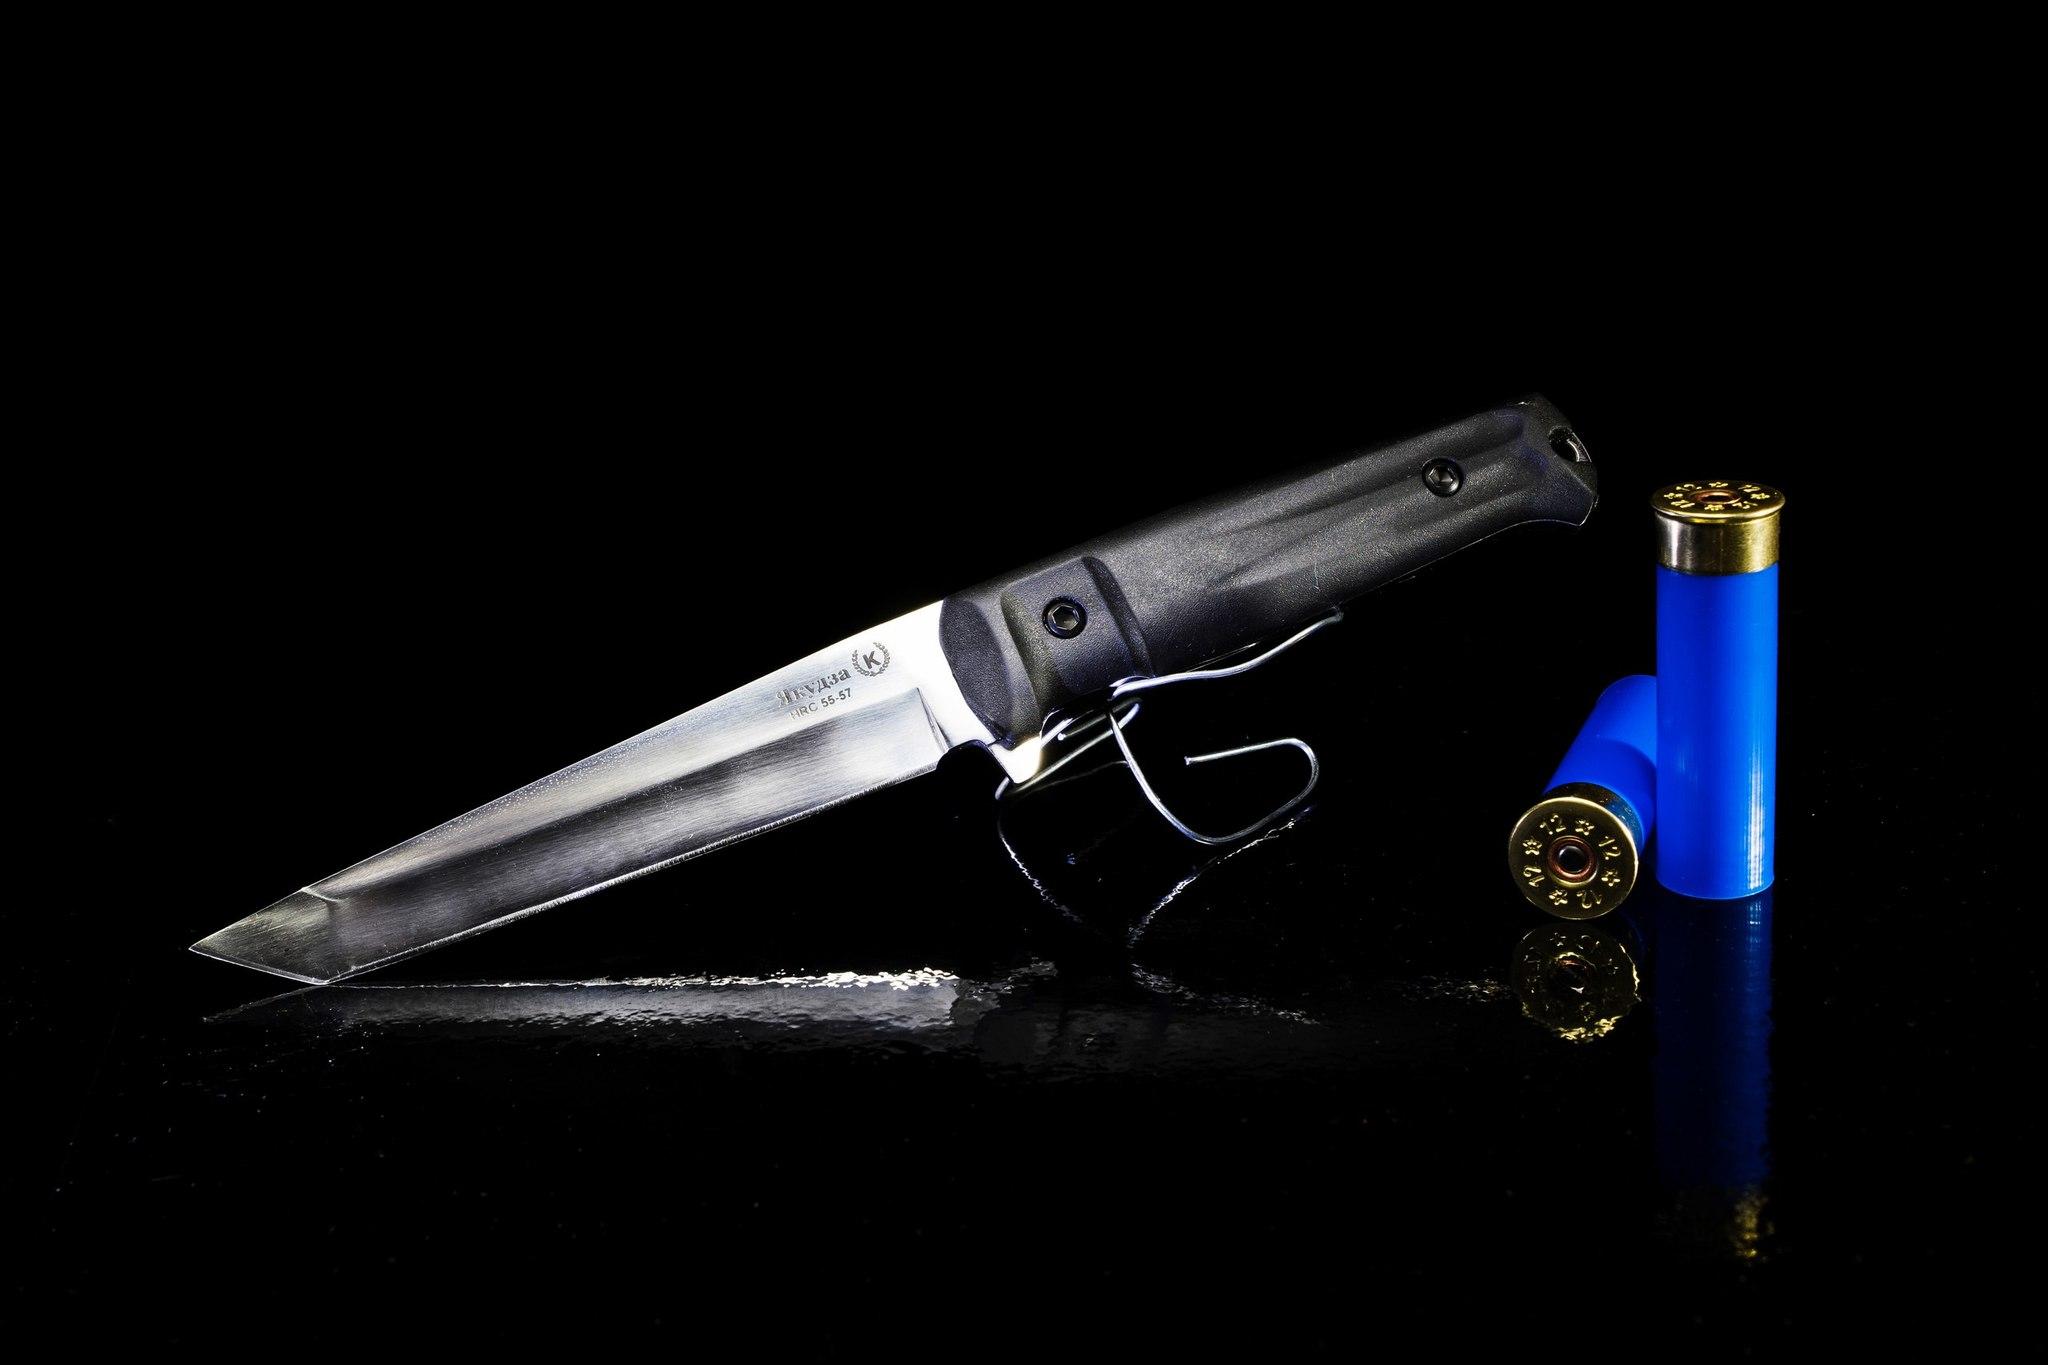 Фото 11 - Нож Якудза, сталь AUS-8 цмт, эластрон, Кизляр